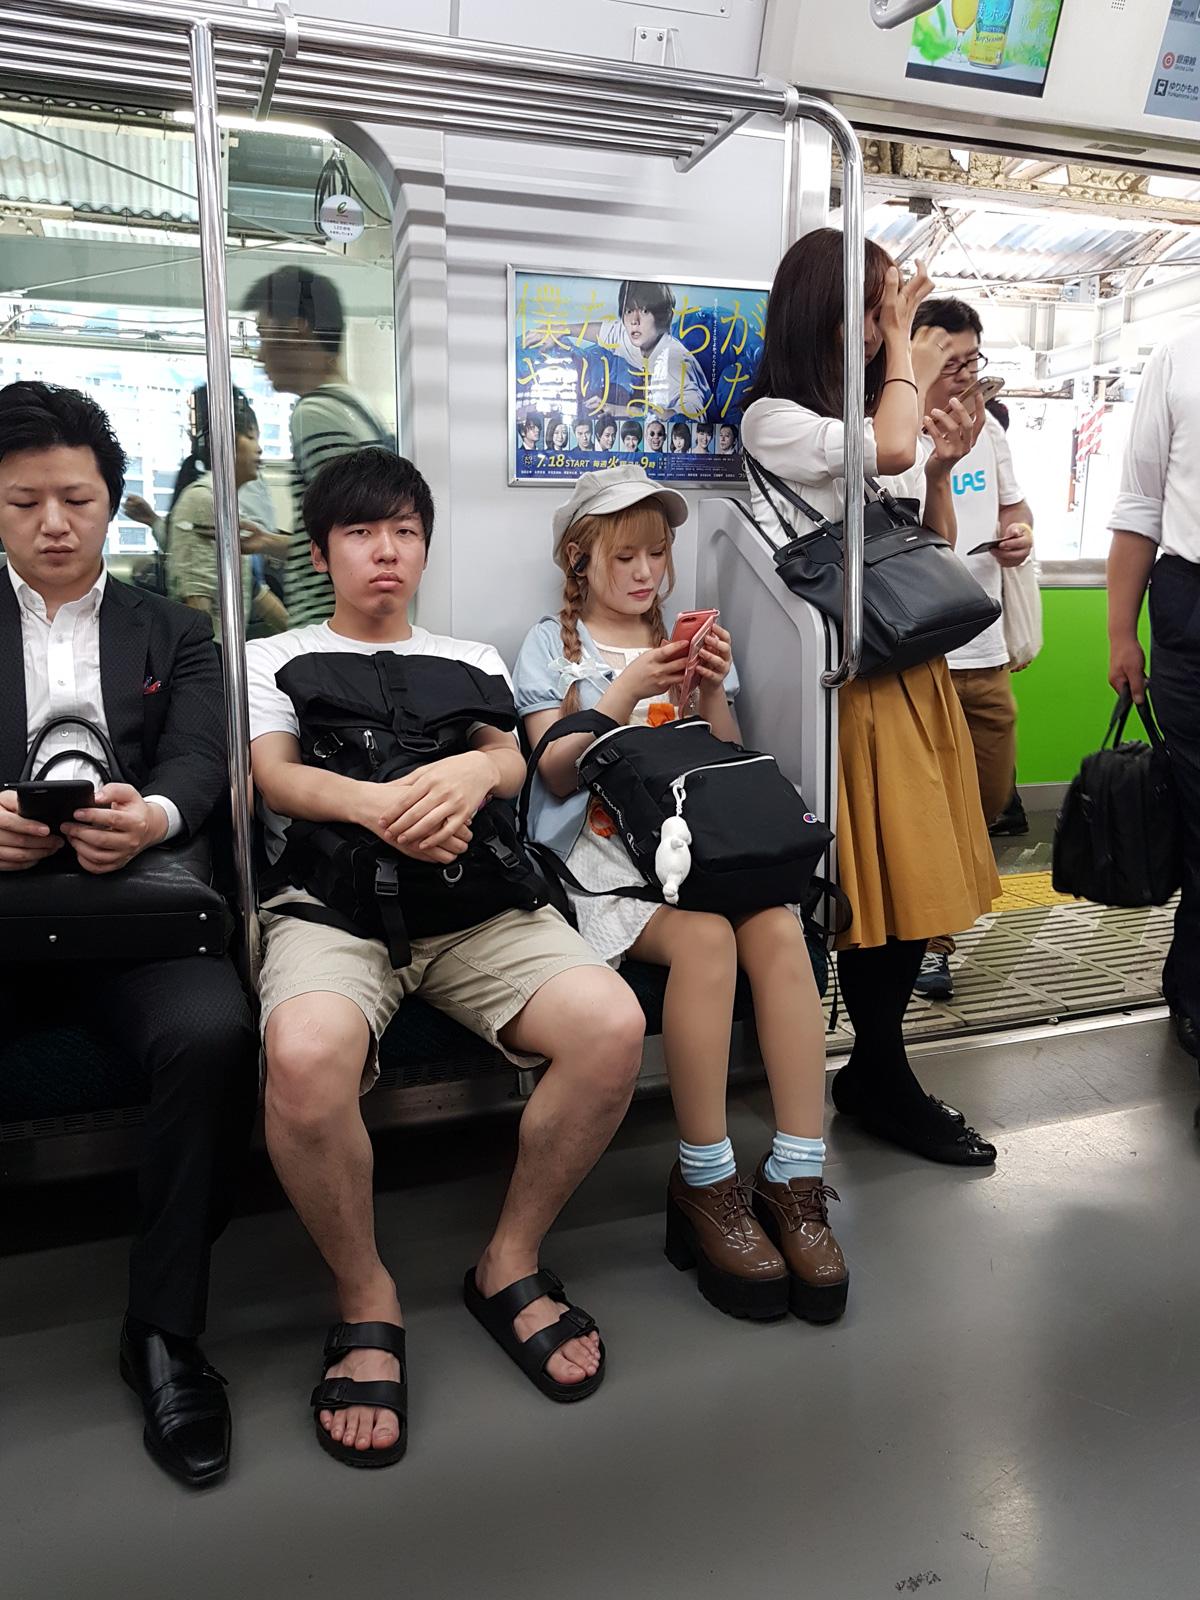 Смотреть онлайн публичный секс в метро